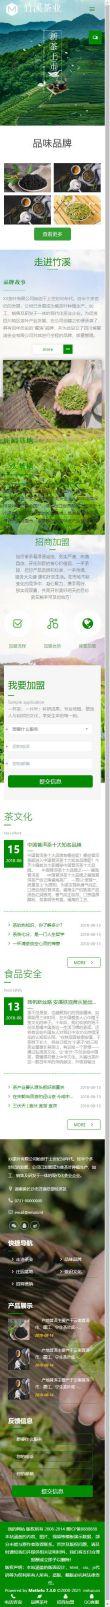 茶业公司网站模板,茶业公司网页模板,茶业公司响应式网站模板